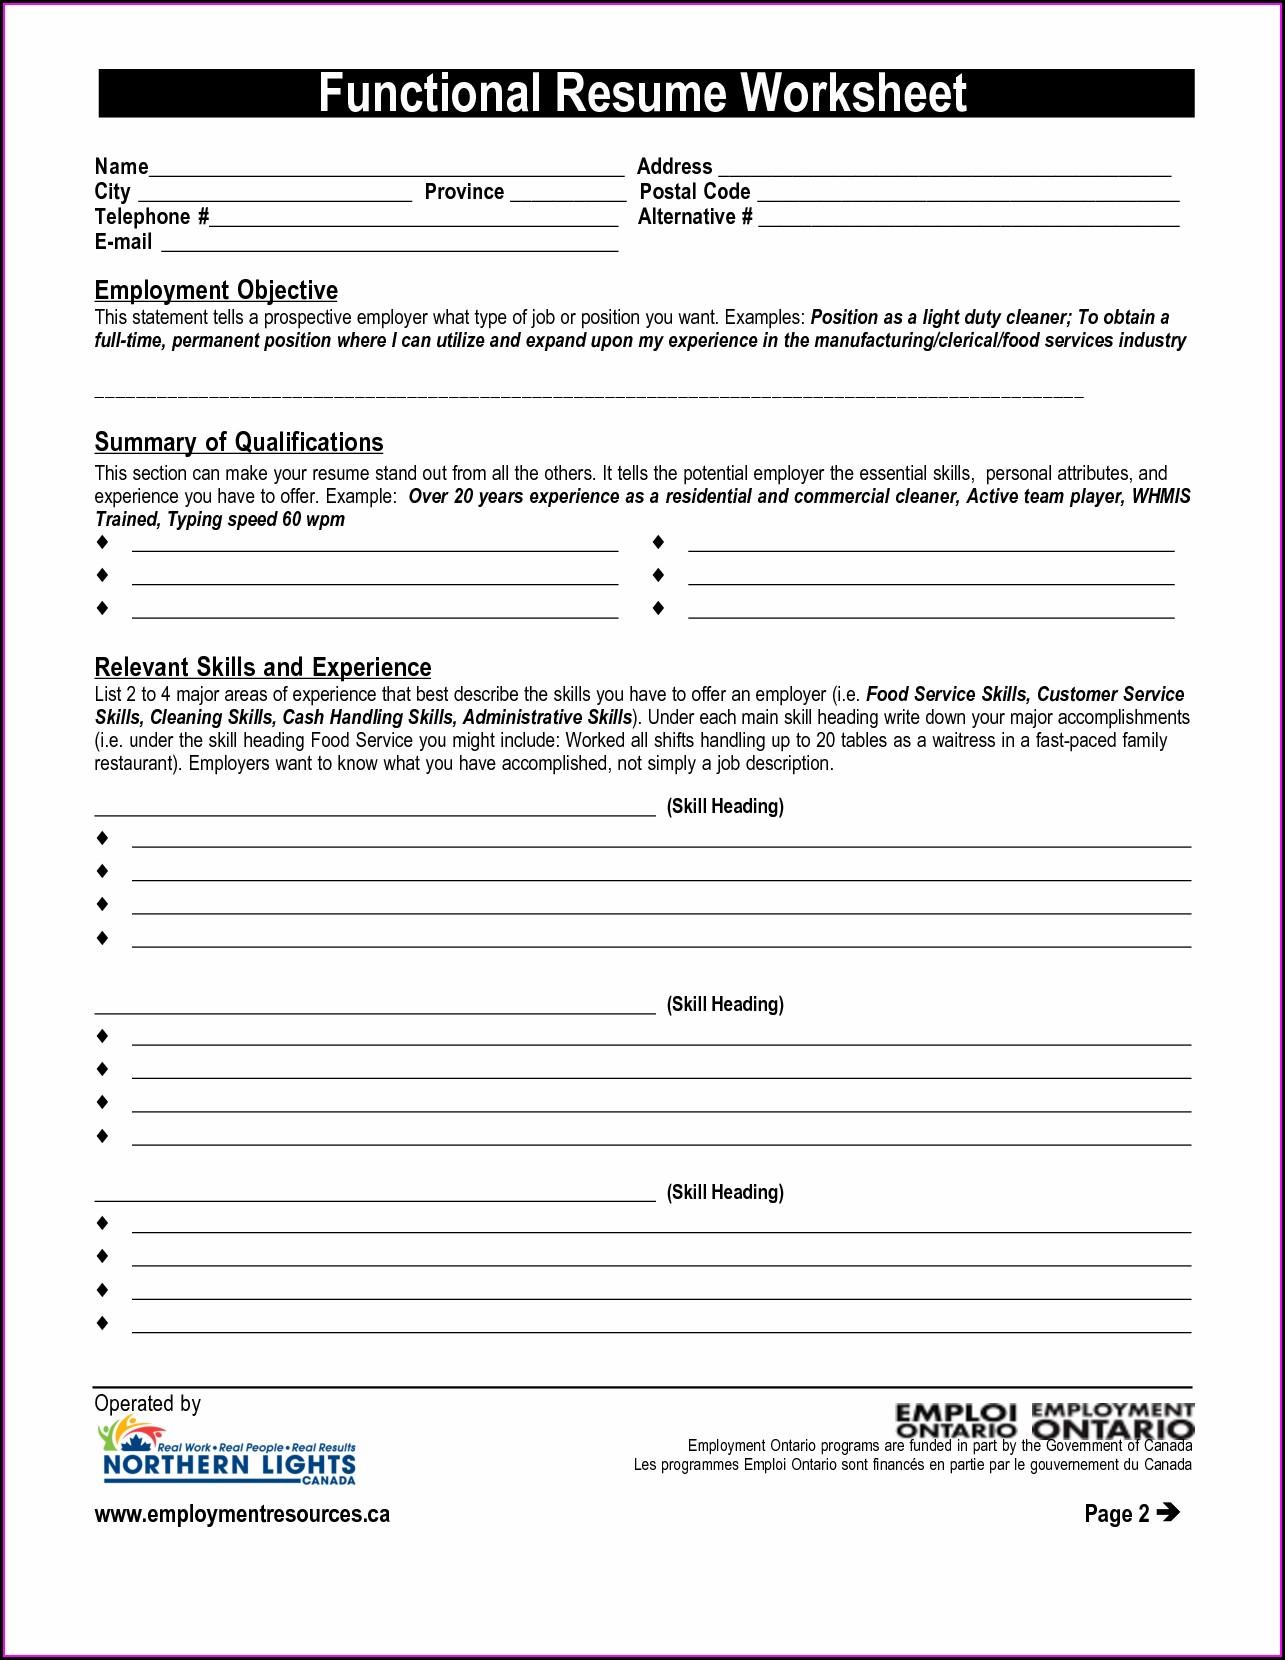 Middle School Resume Worksheet